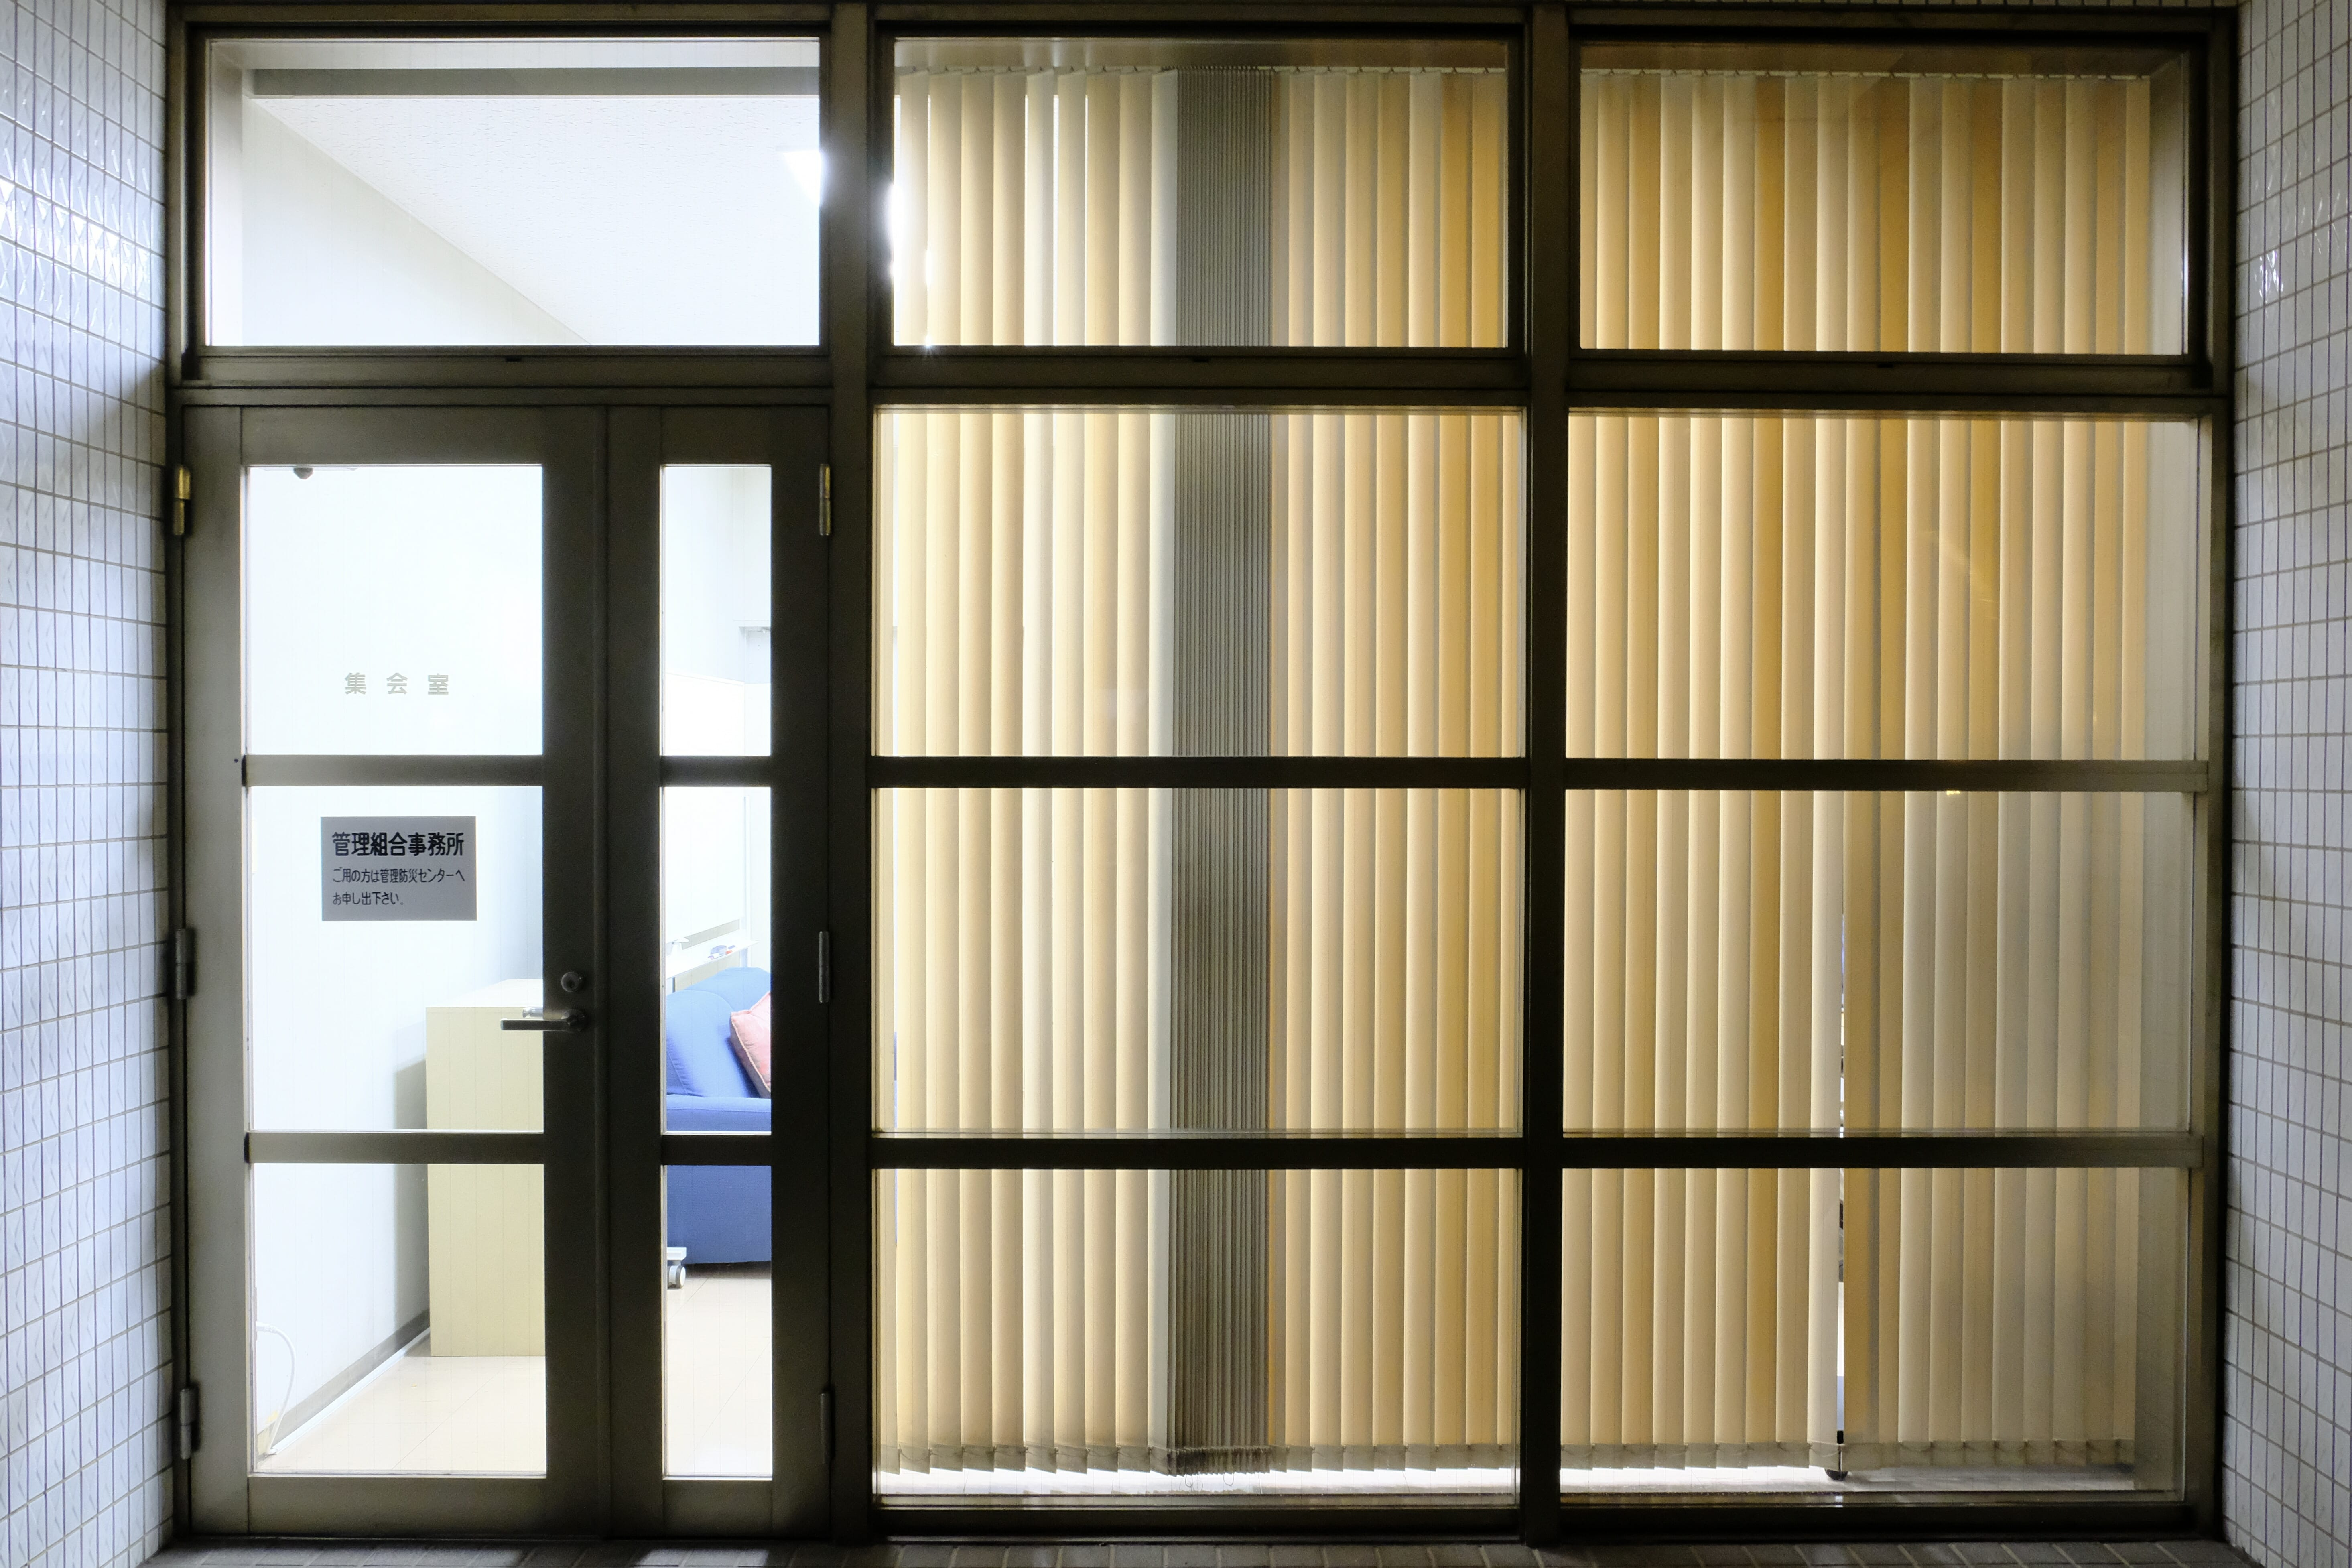 管理組合の会議室。常設の会議室があるのは珍しい。